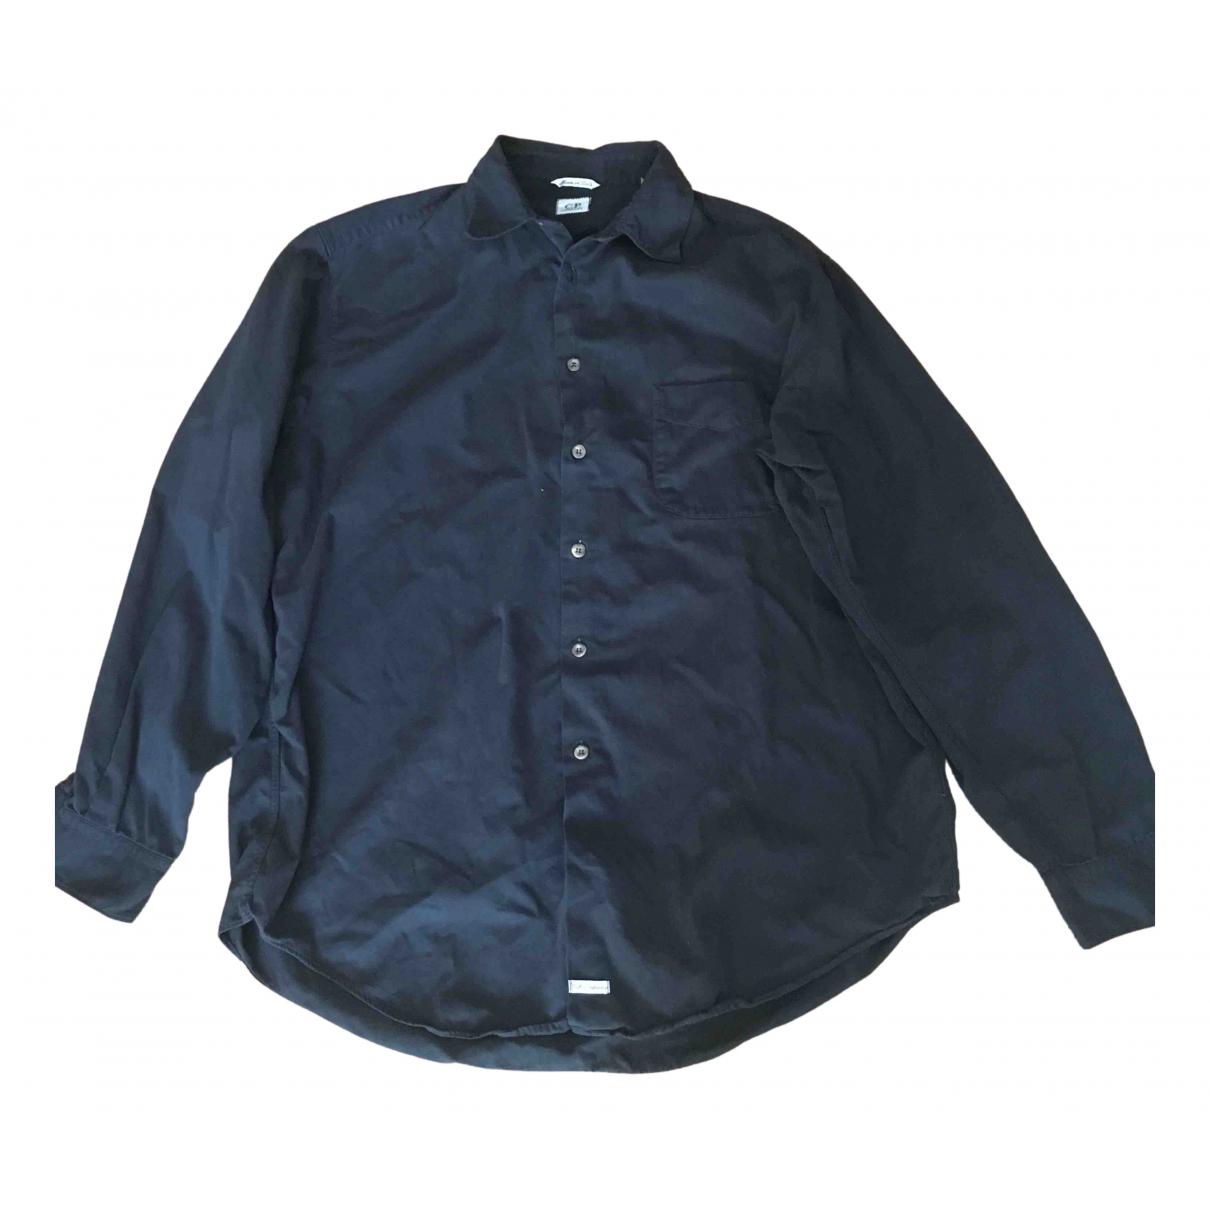 Cp Company - Chemises   pour homme en coton - noir